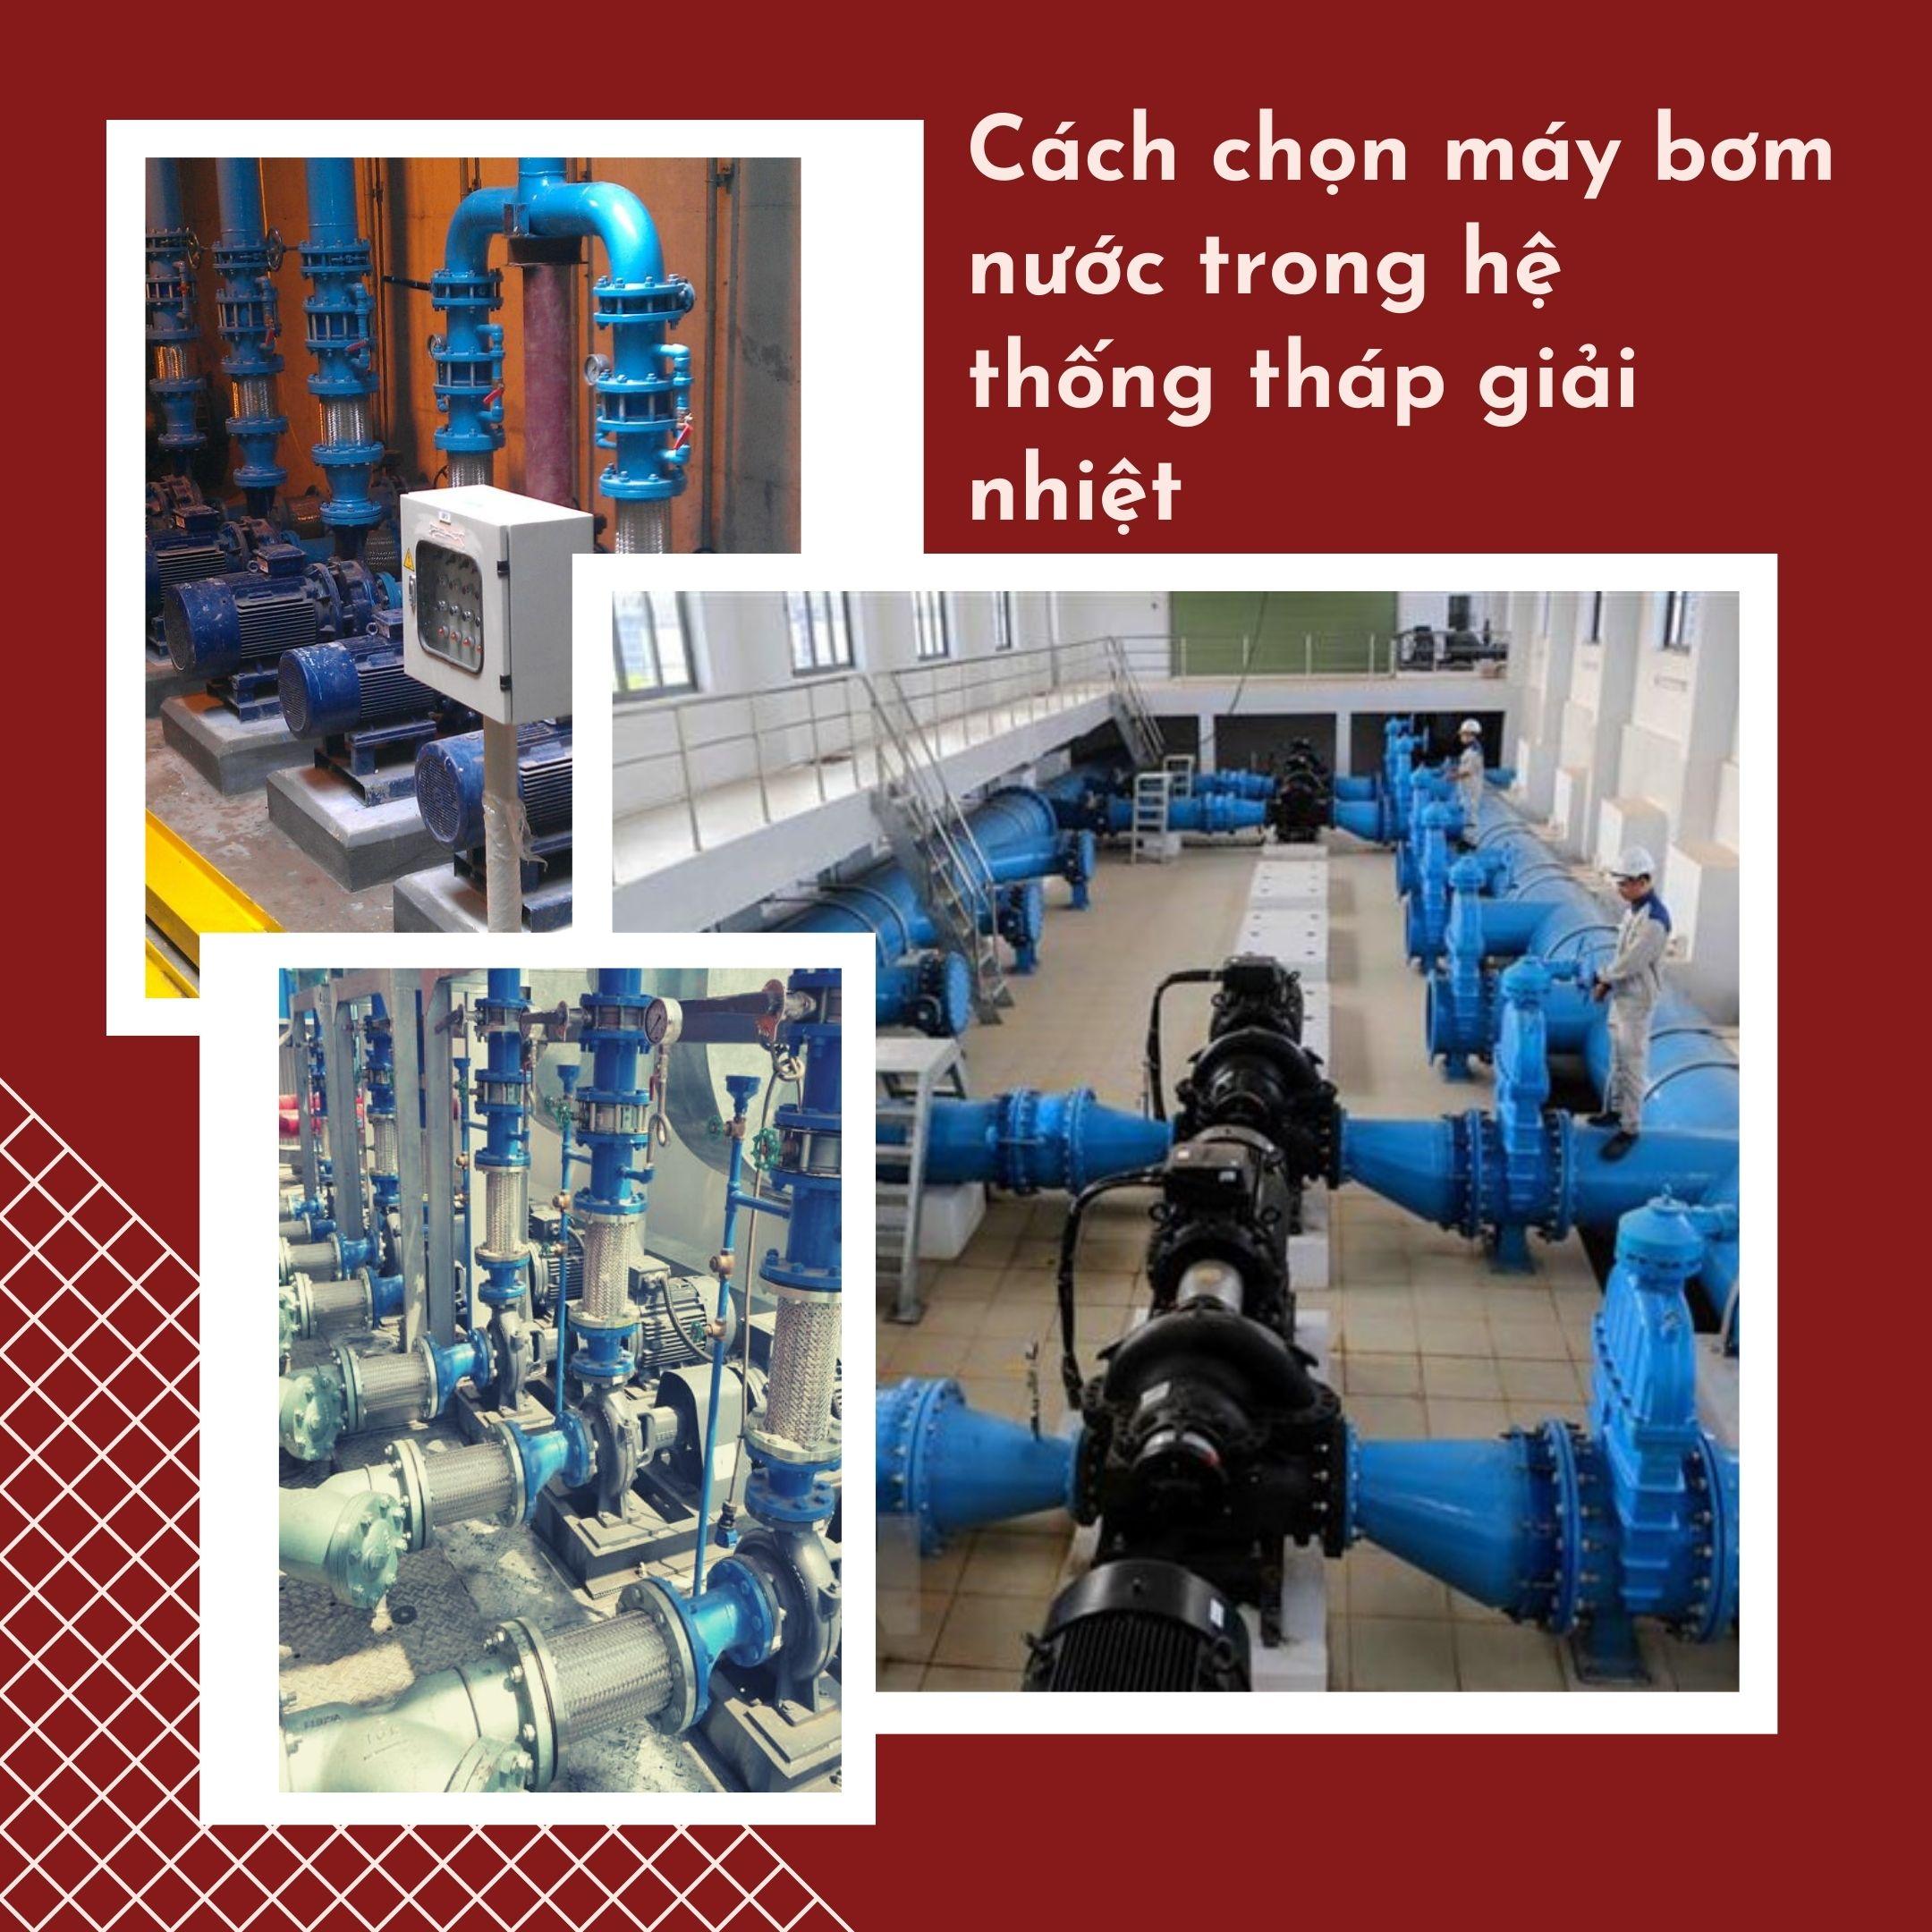 Cách chọn máy bơm nước trong hệ thống tháp giải nhiệt